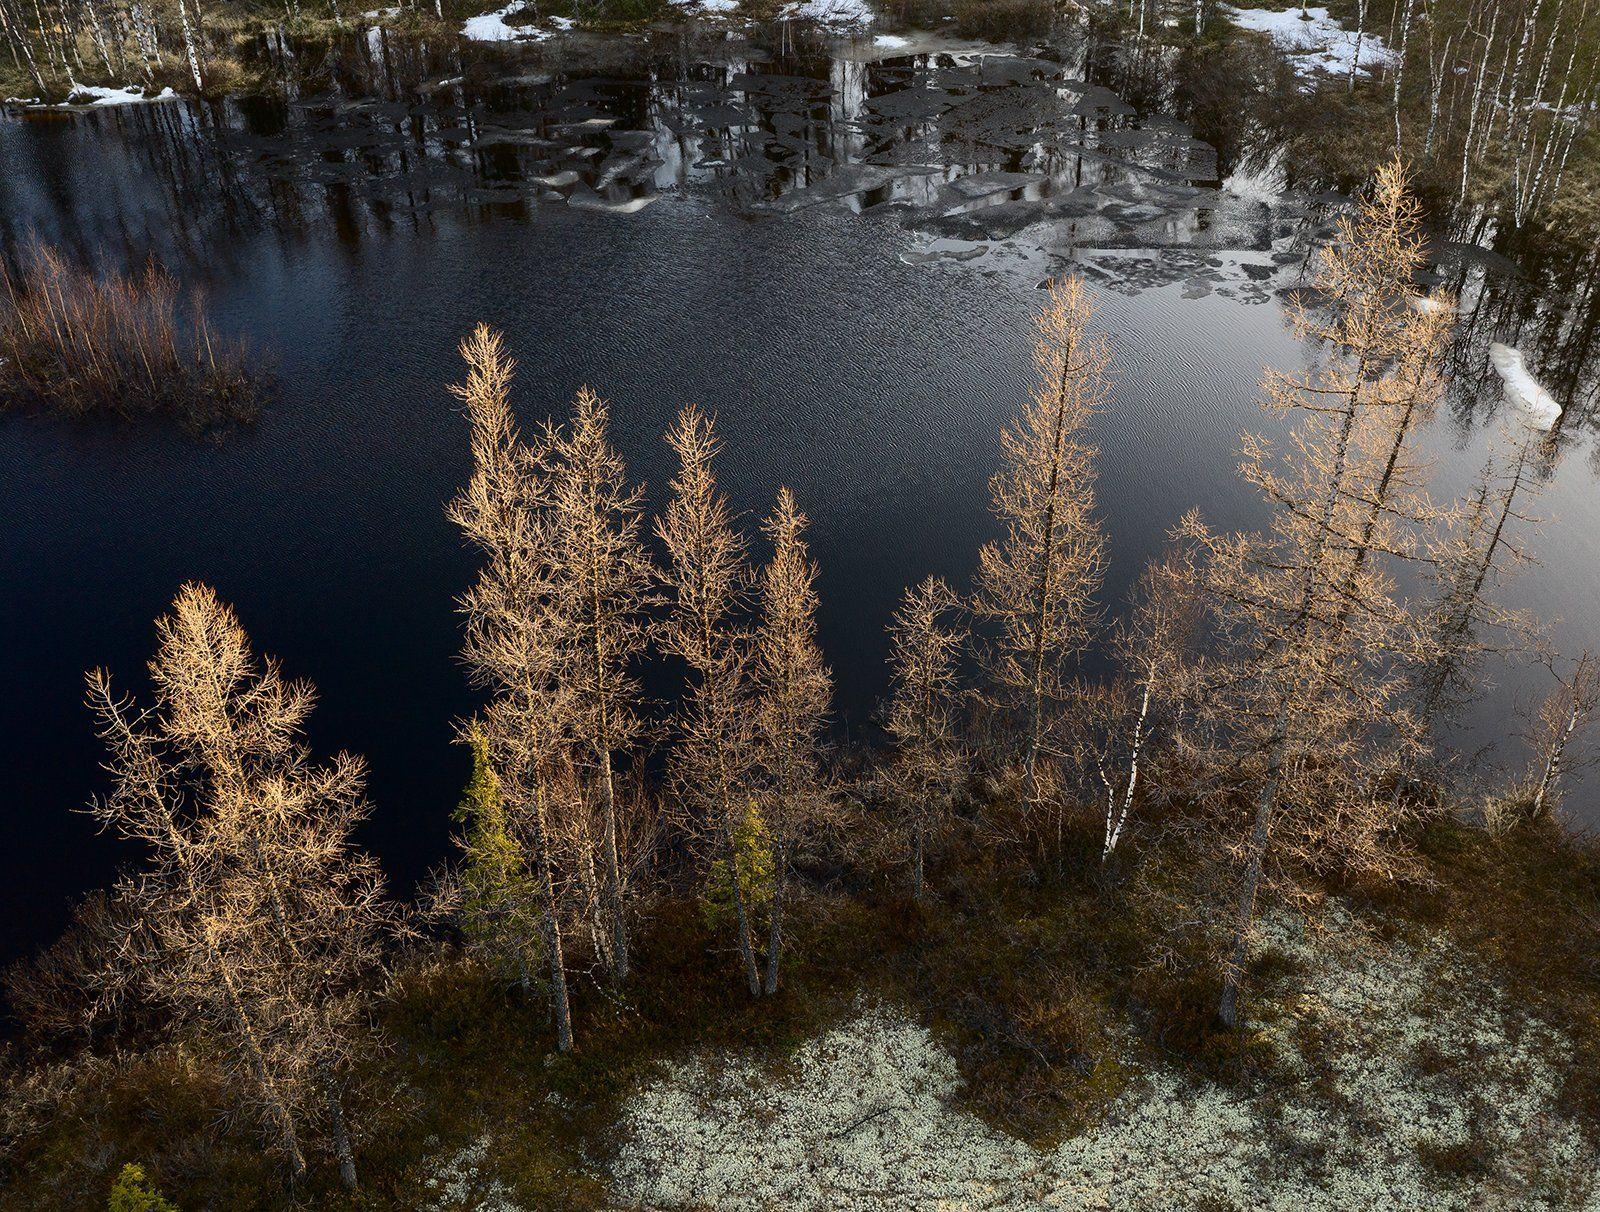 природа, лес, весна, сибирь, янао, ямал, деревья, май, Андрей Снегирёв